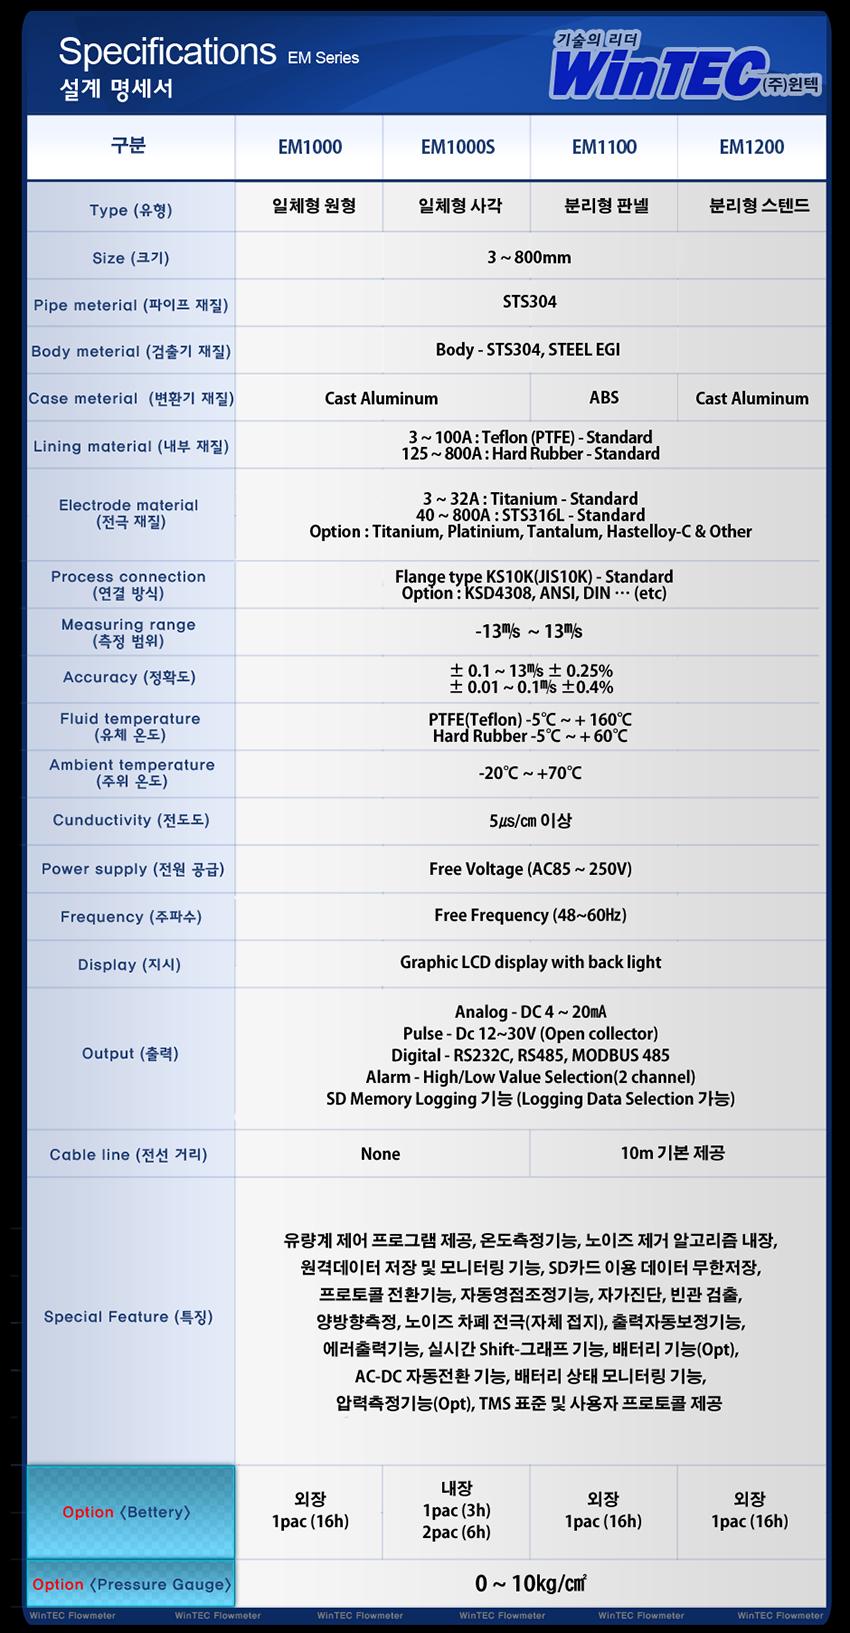 (주)윈텍 전자유량계 EM1100 1